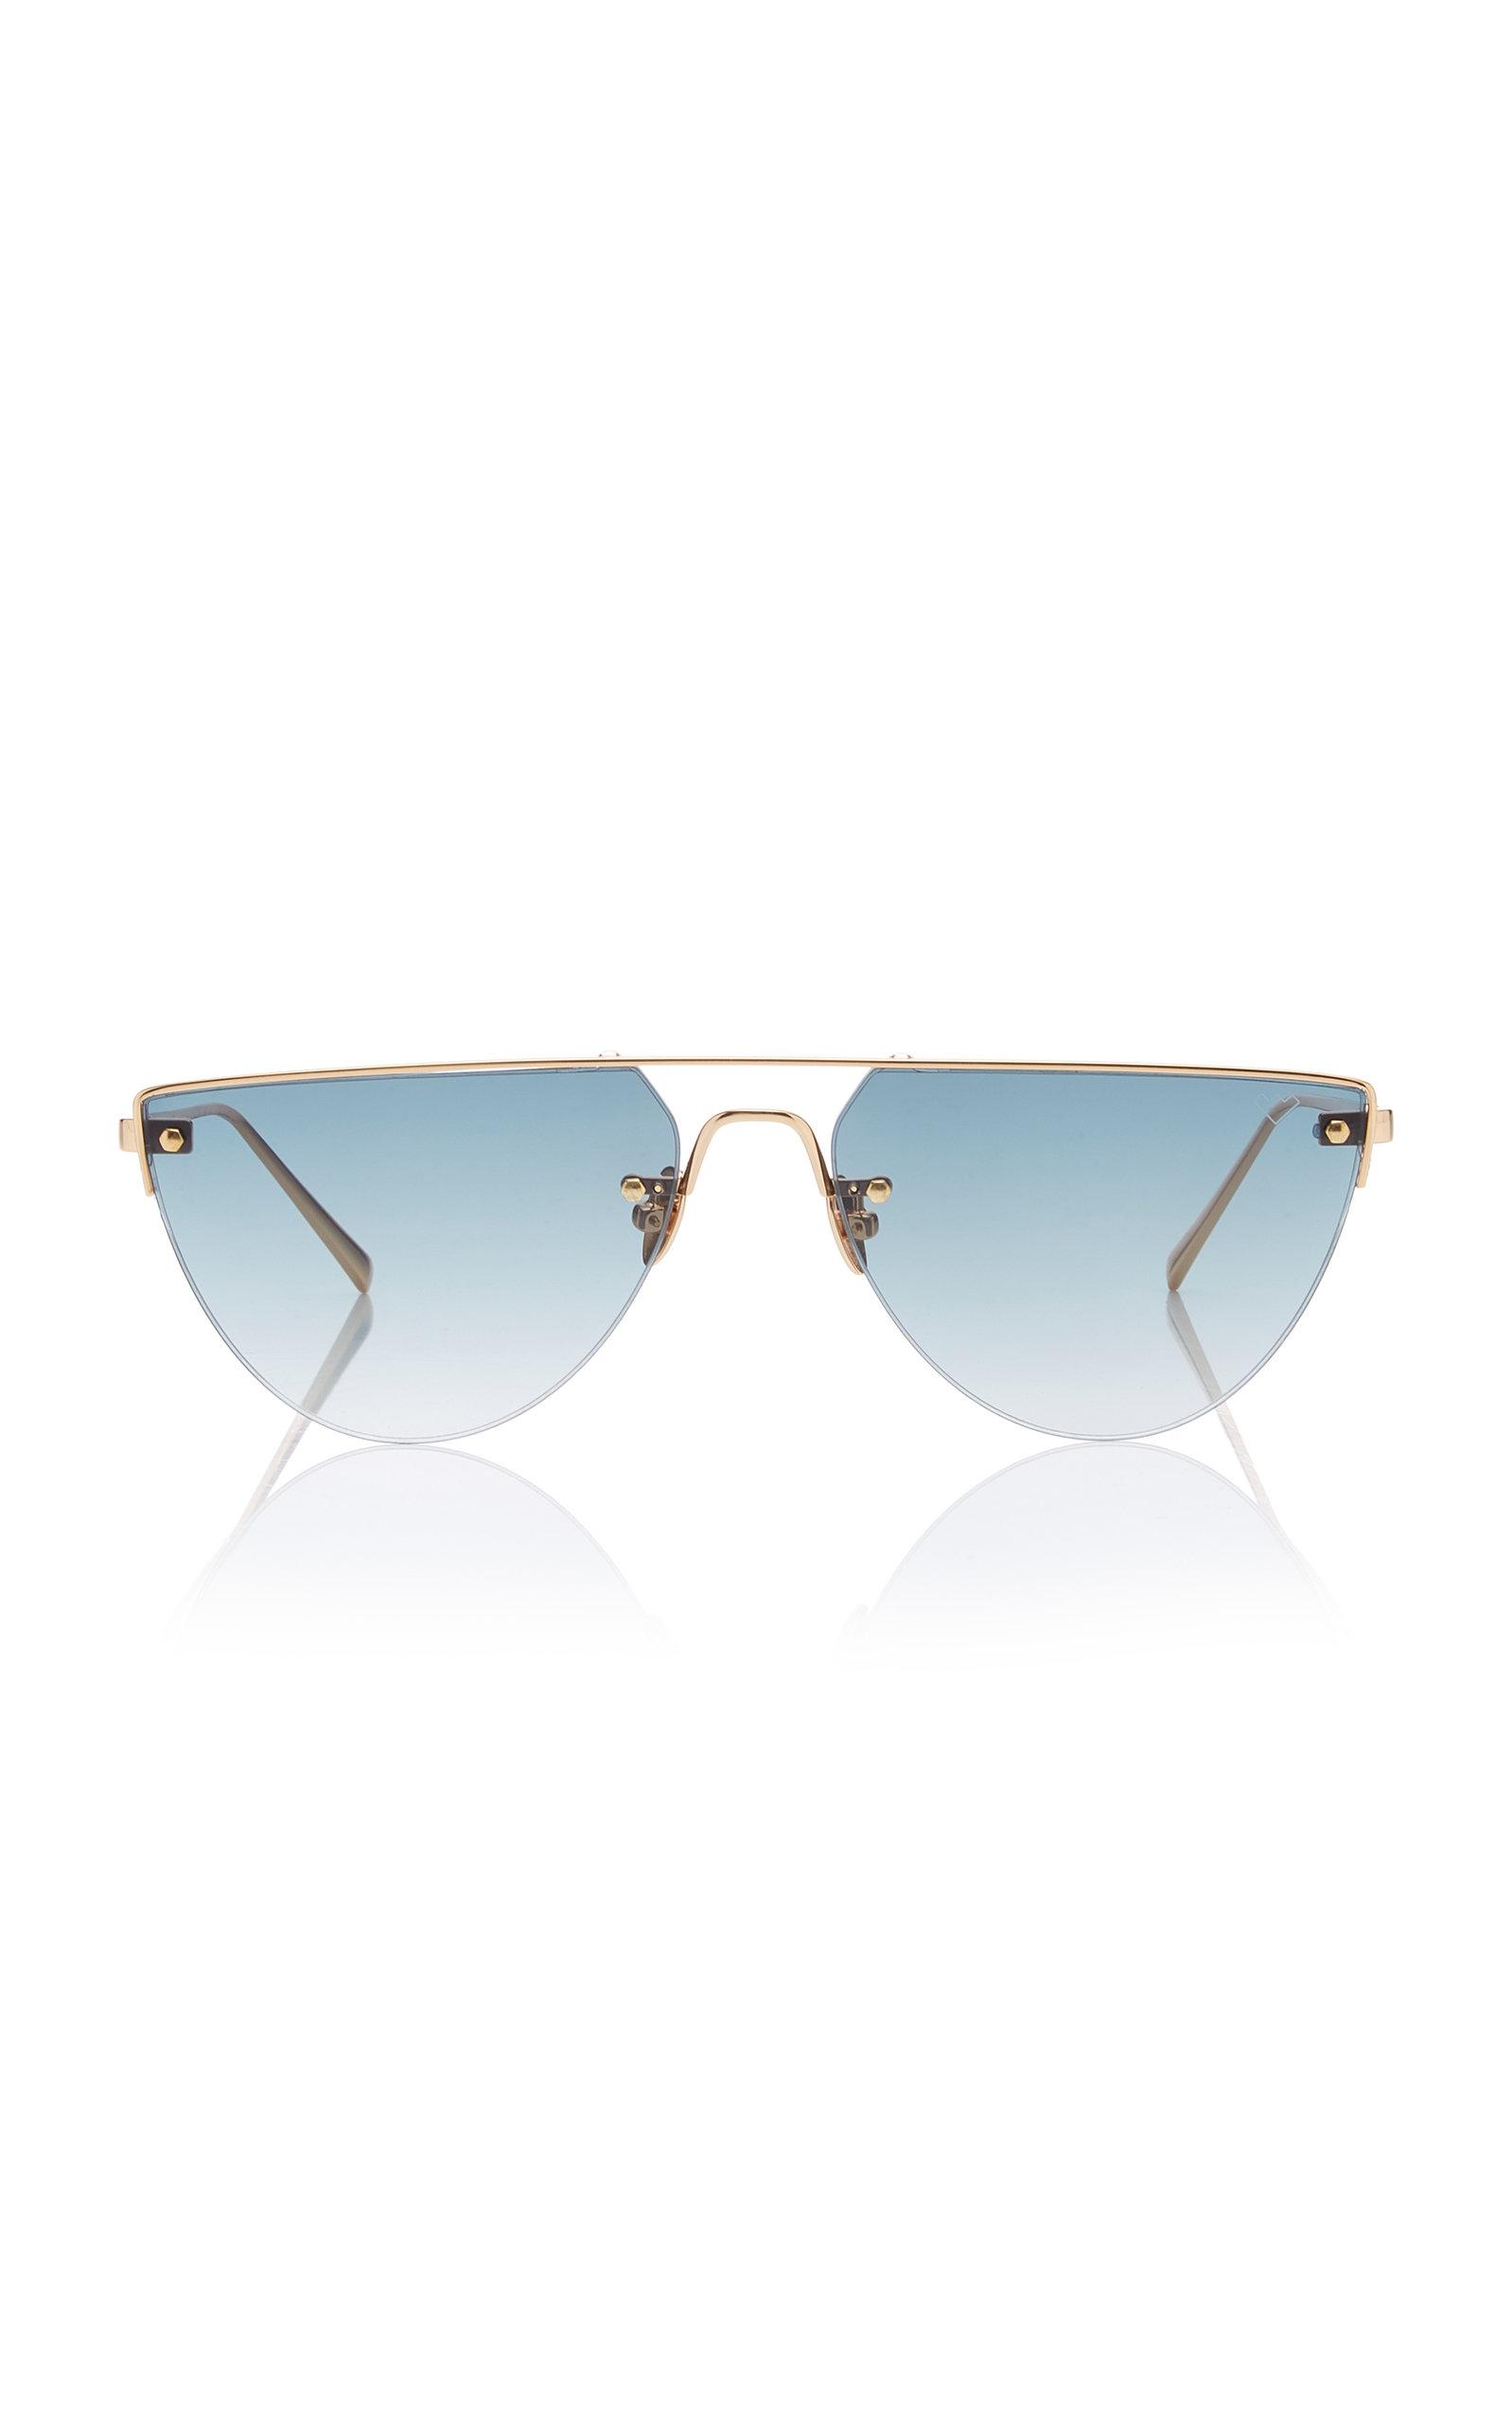 SPEKTRE Corsaro D-Frame Gold-Tone Sunglasses in Blue